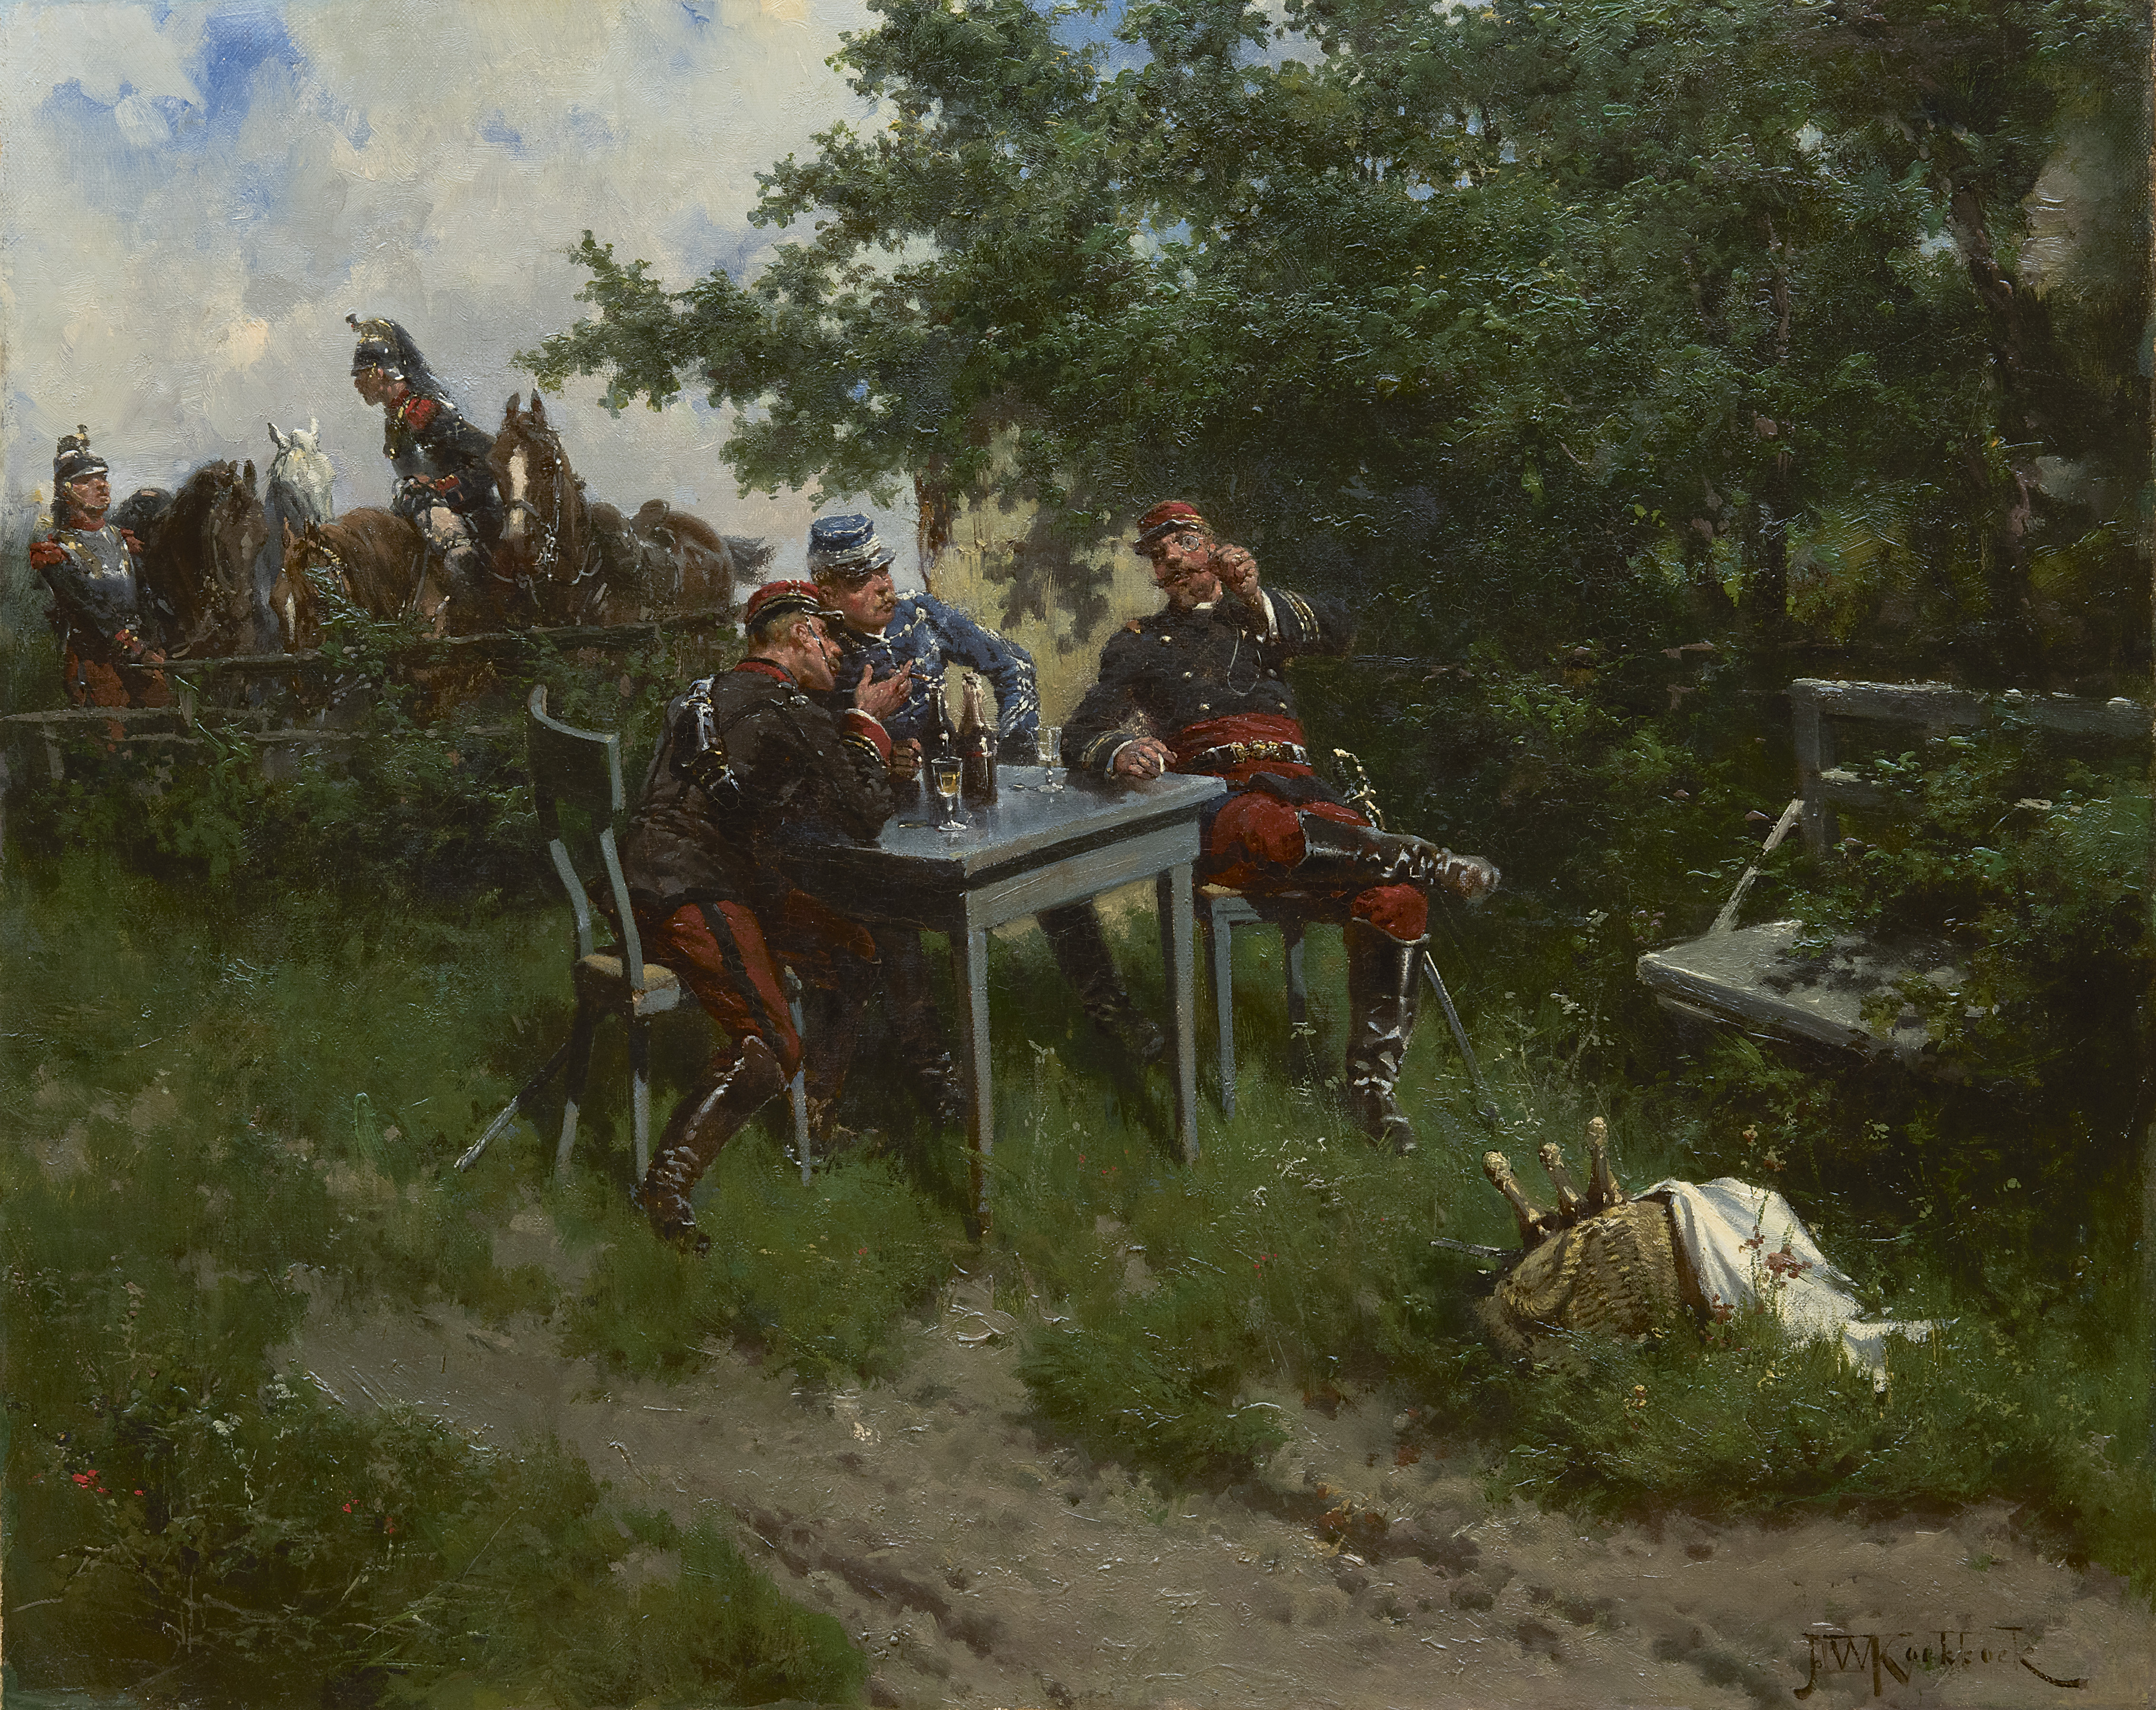 Koekkoek, H.W. - Franse officieren en bereden kurassiers op oefening, olieverf op doek 43,5 x 53,2 cm, gesigneerd r.o. en te dateren 1892